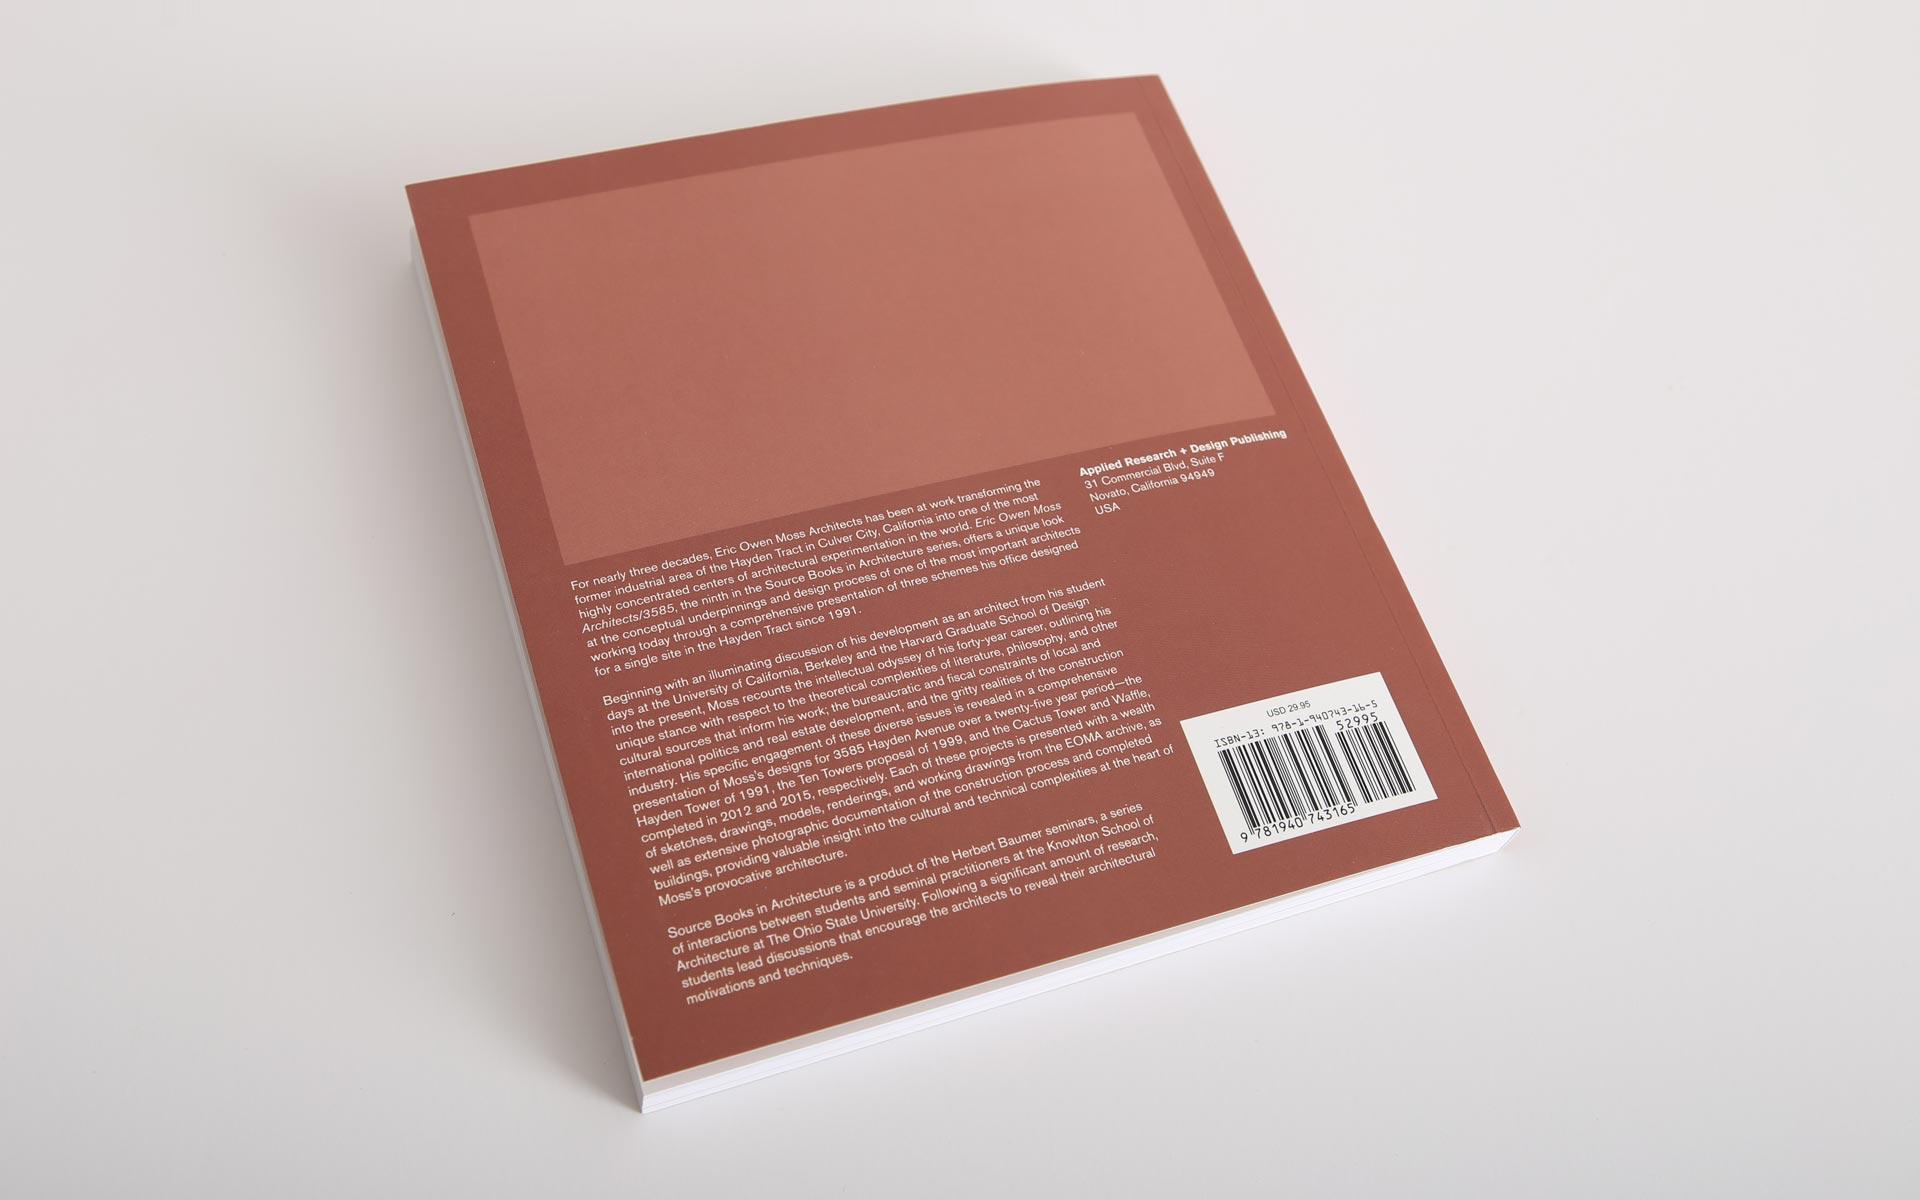 eric-owen-moss-architects-book-design-7